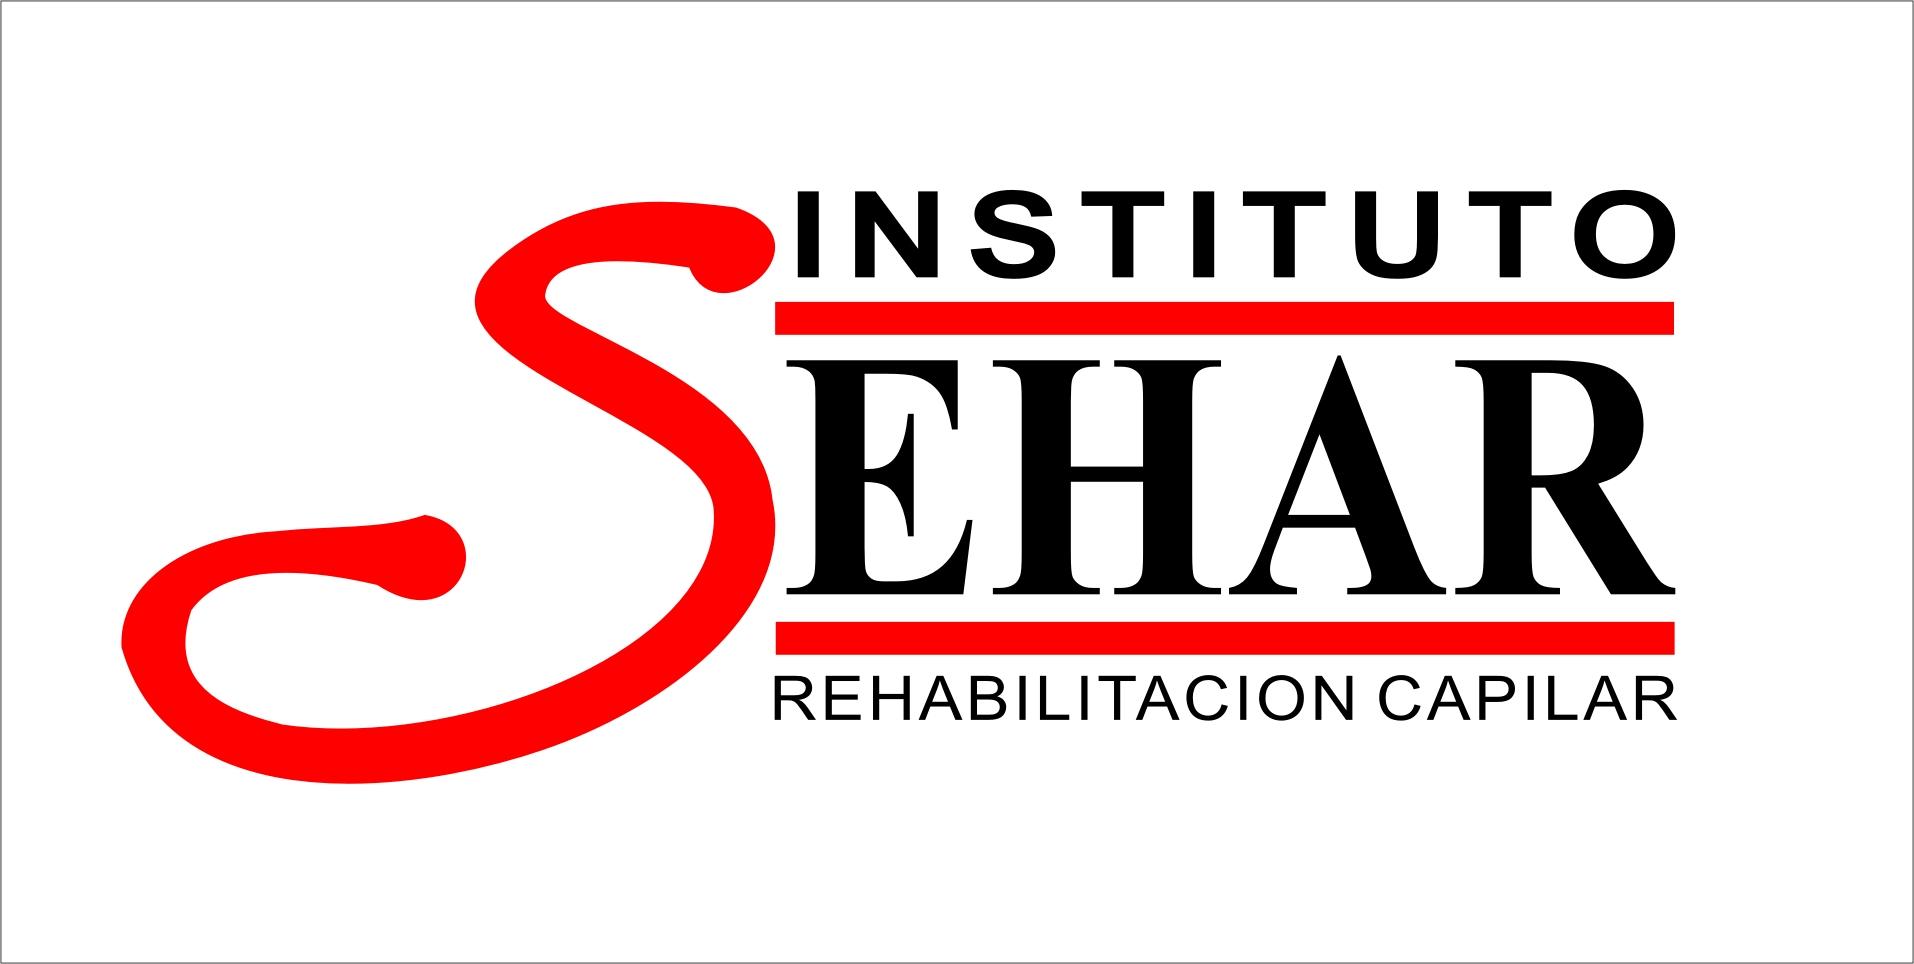 Recuperación Capilar - La Sede San Juan fue premiada